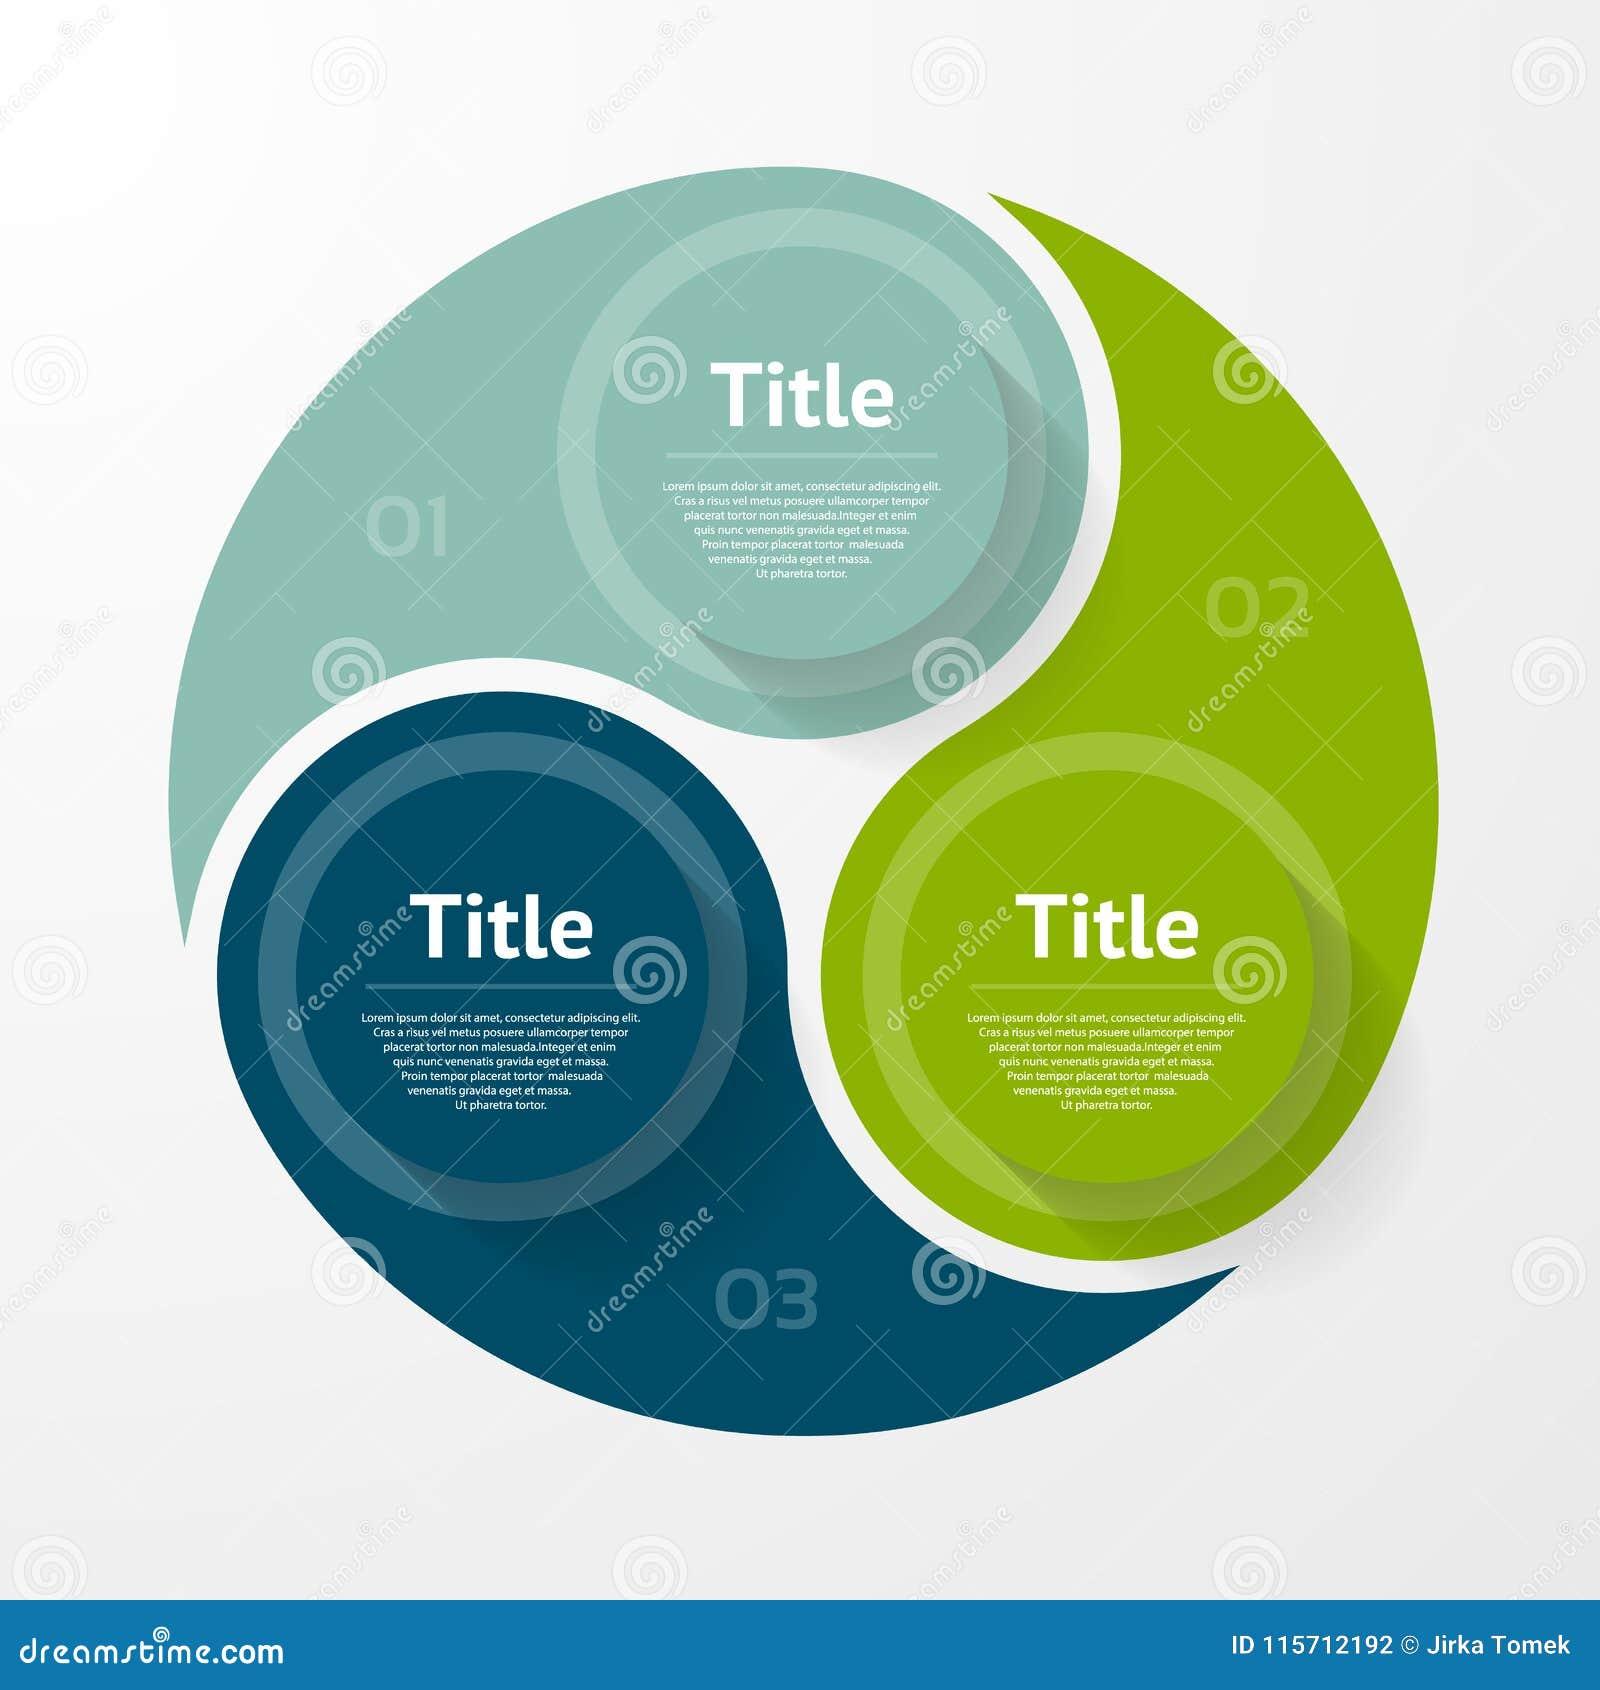 Vektorkreis infographic Schablone für Diagramm, Diagramm, Darstellung und Diagramm Geschäftskonzept mit drei Wahlen, Teile, Schri